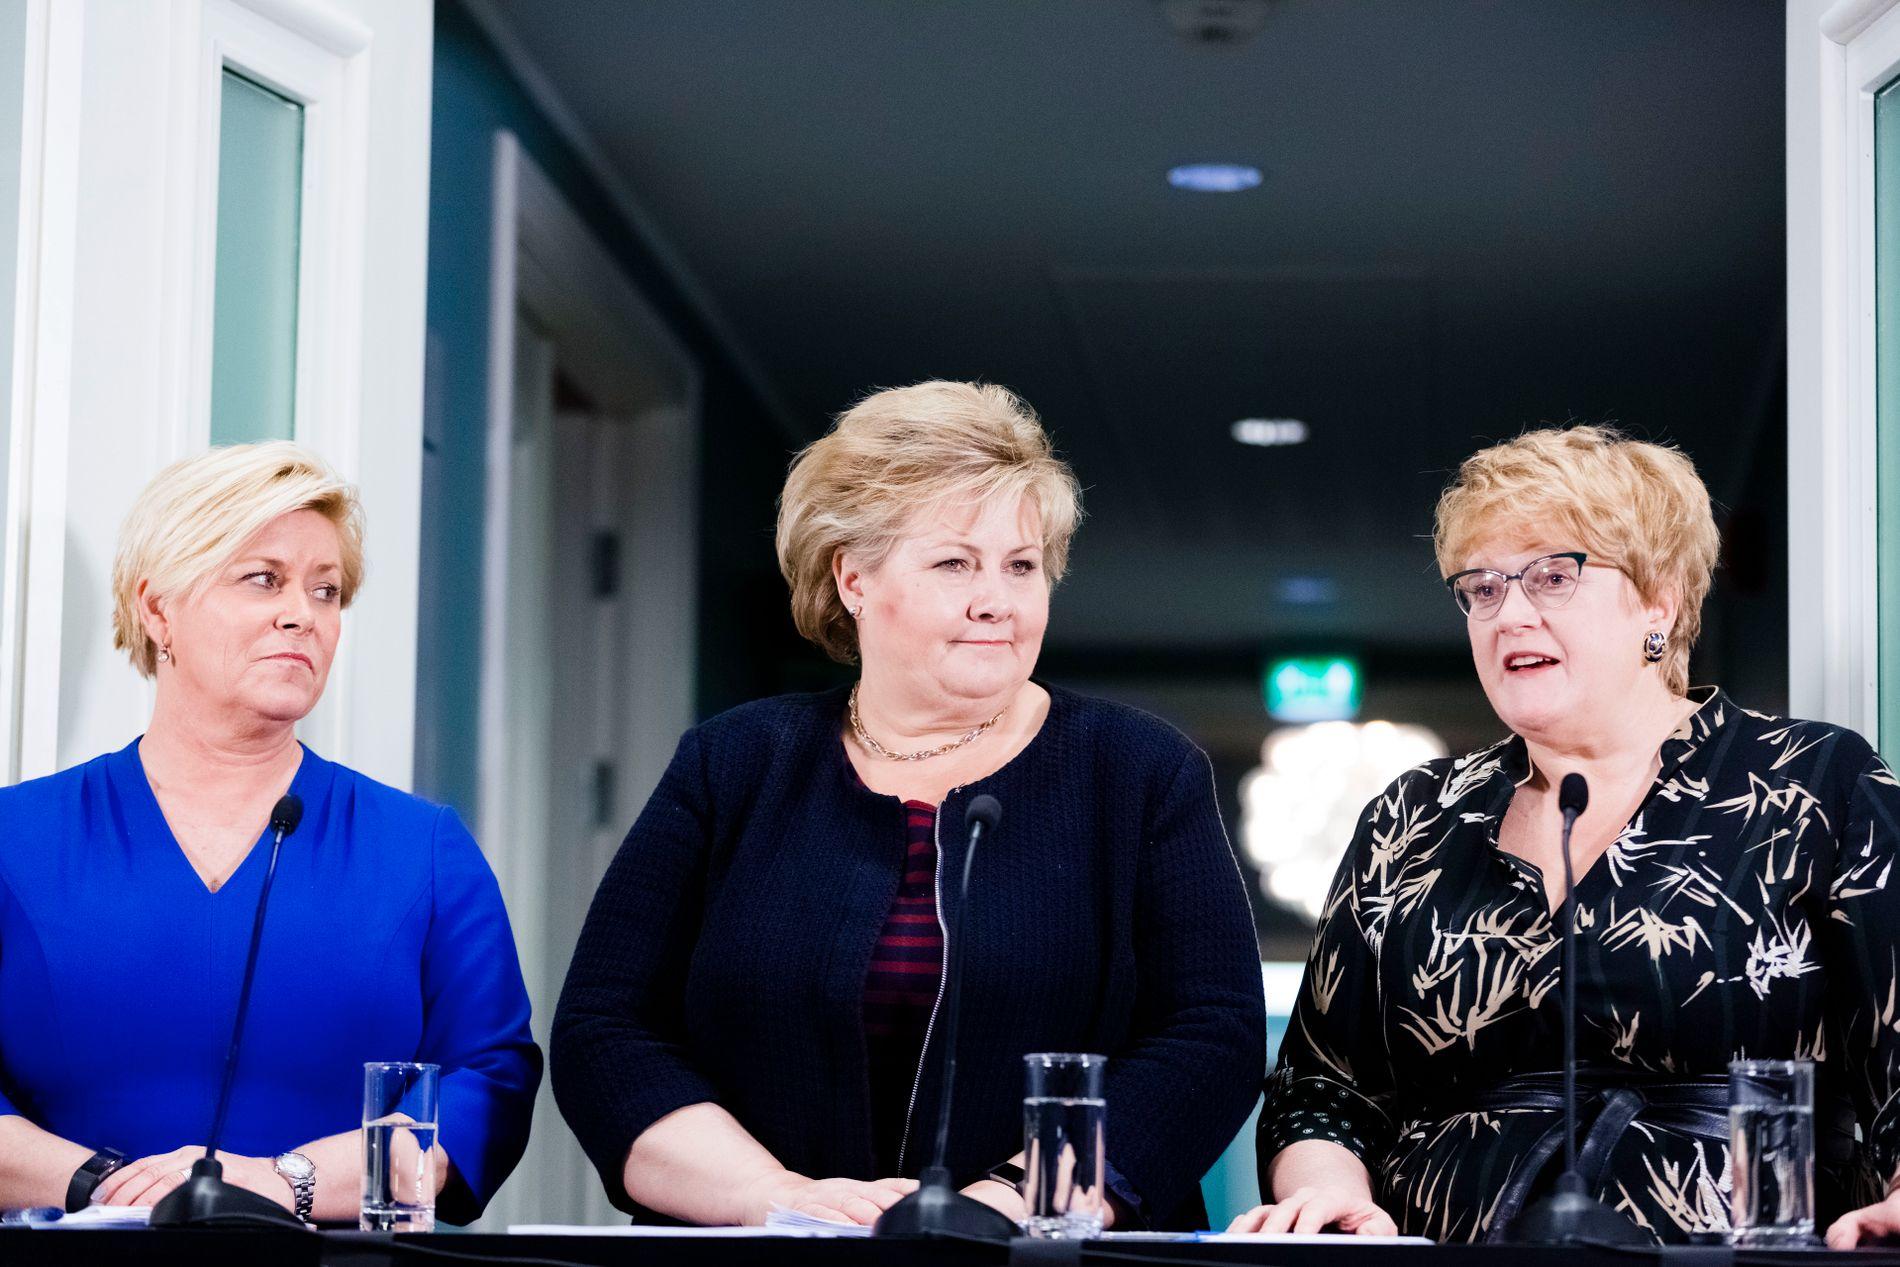 KVINNER PÅ TOPP: Norge gjør det ikke godt på Council on Foreign Relations' likestillingsliste, selv med finansminister Siv Jensen, statsminister Erna Solberg og kulturminister Trine Skei Grande på topp.